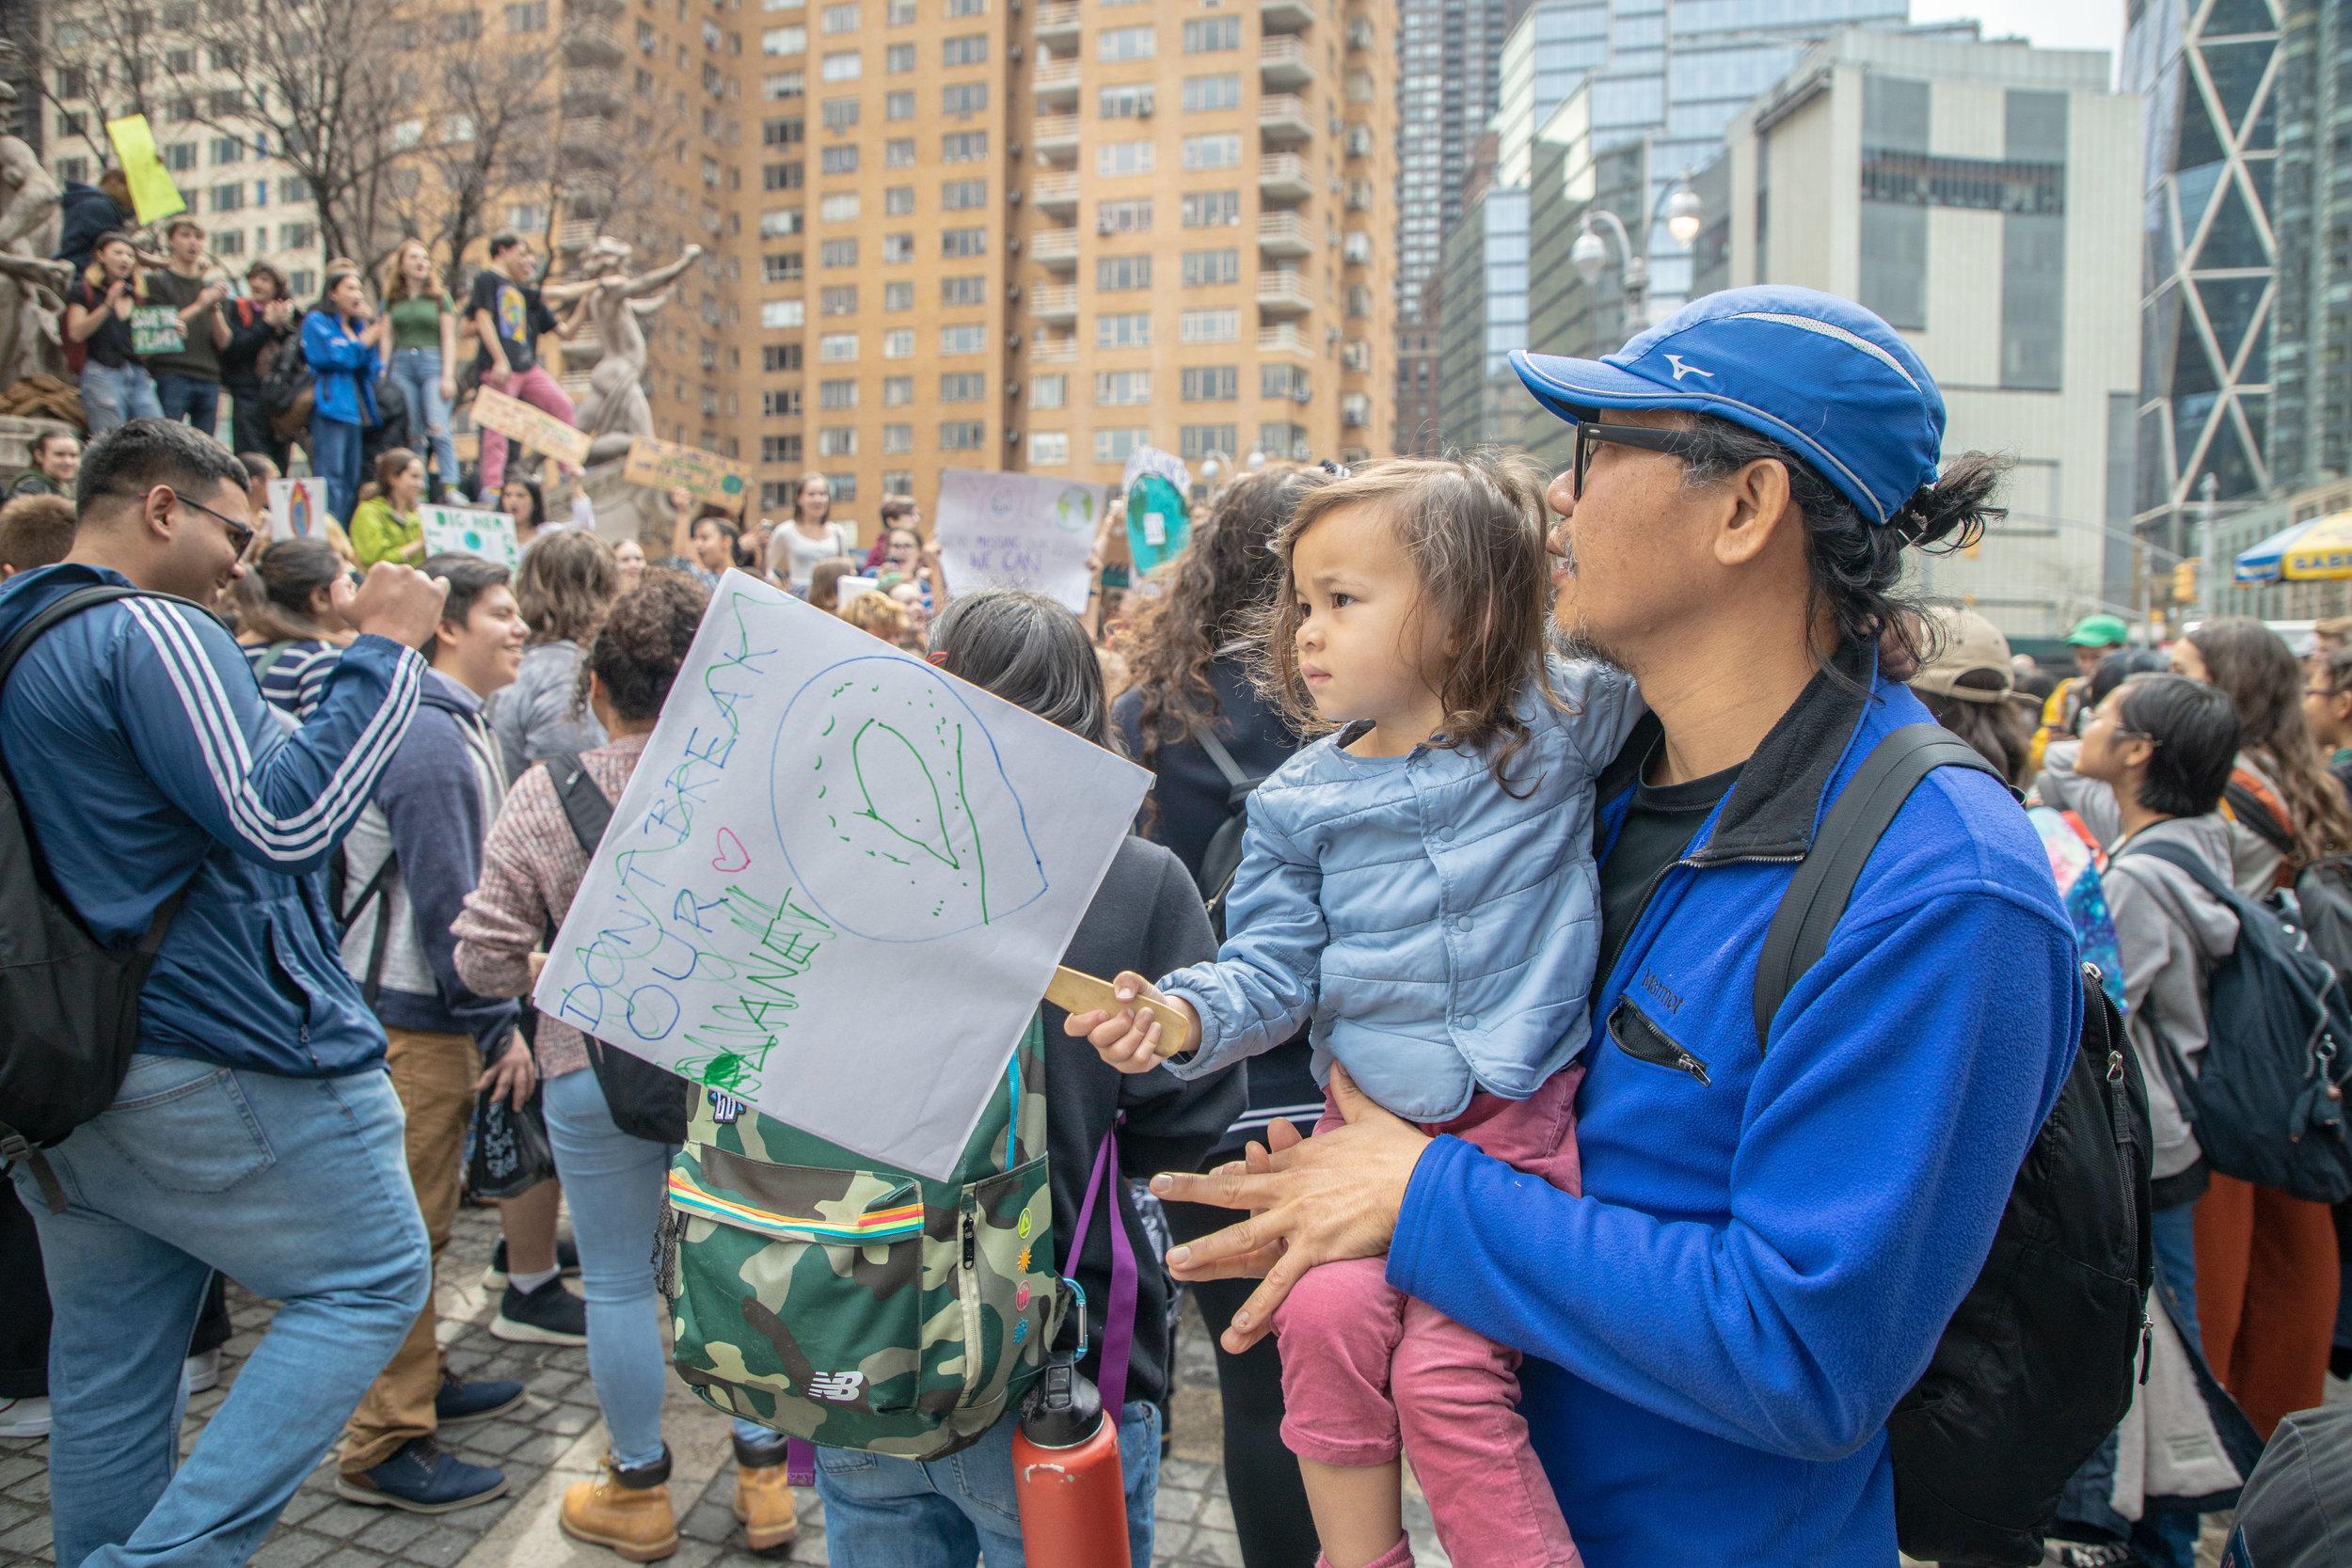 3.15.19_YouthClimateStrike_NYC_ColumbusCircle-9.jpg